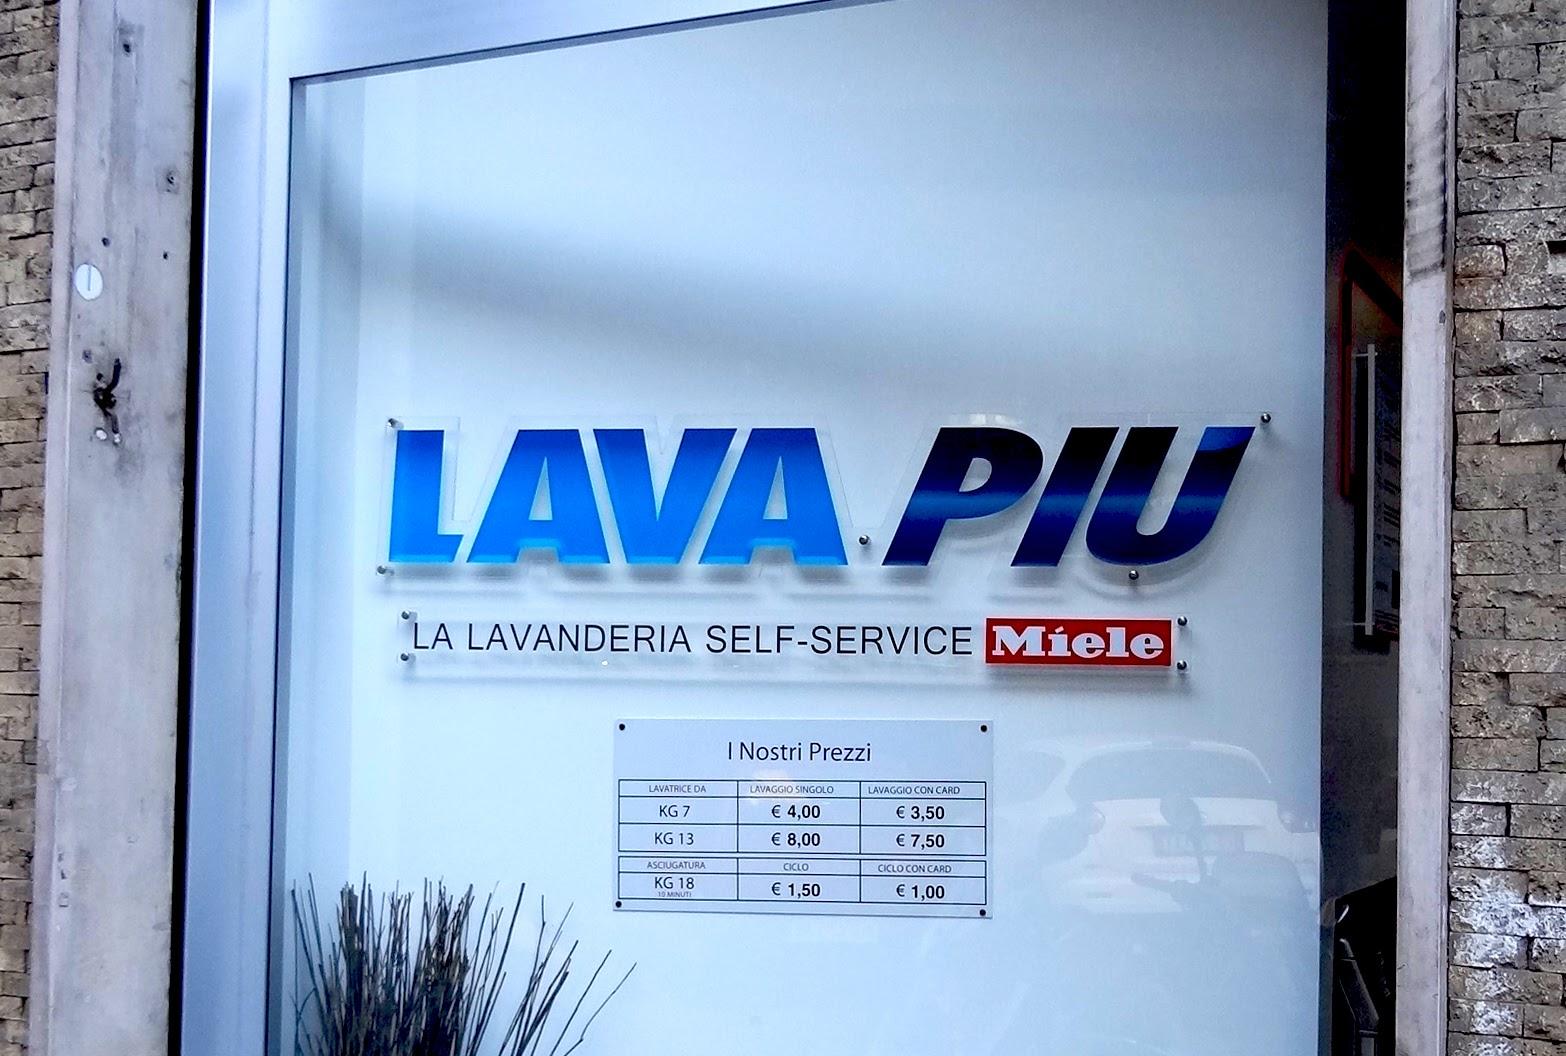 Lavanderia self service lavapi via dell 39 ombra genova for Lavanderia self service catania